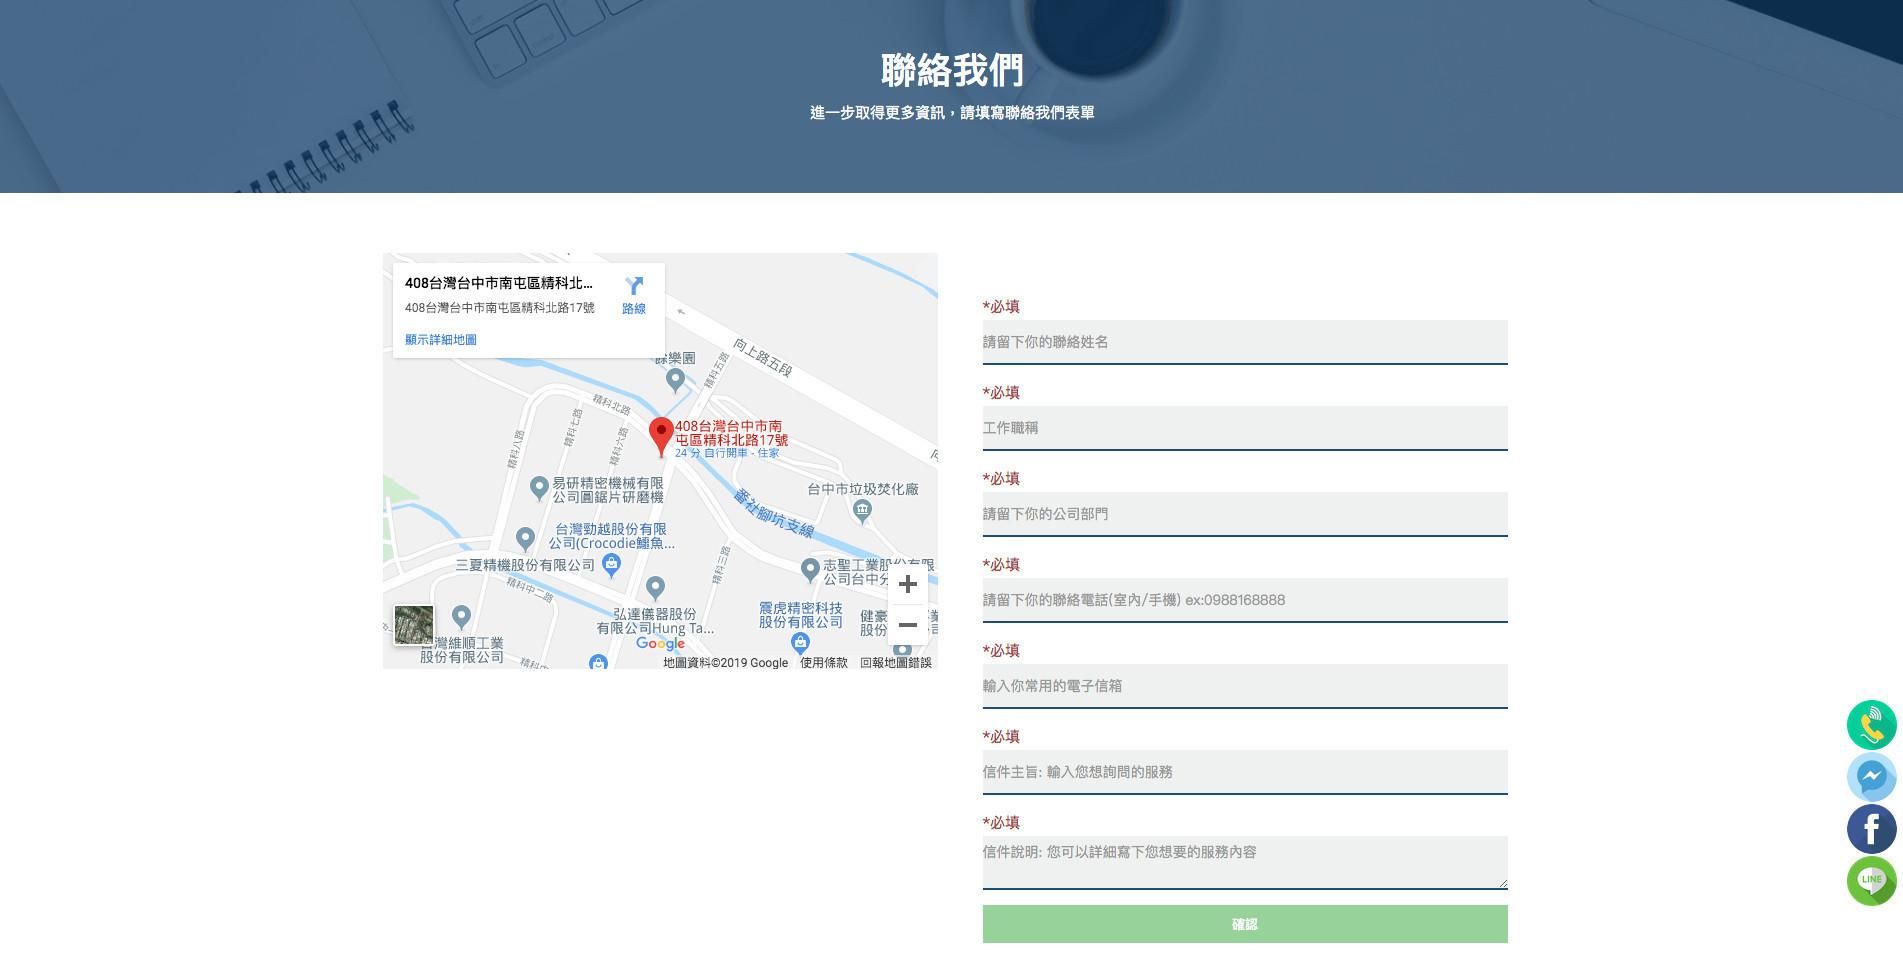 SEO網頁設計成功案例-正岡科技股份有限公司B2B詢價聯繫頁面